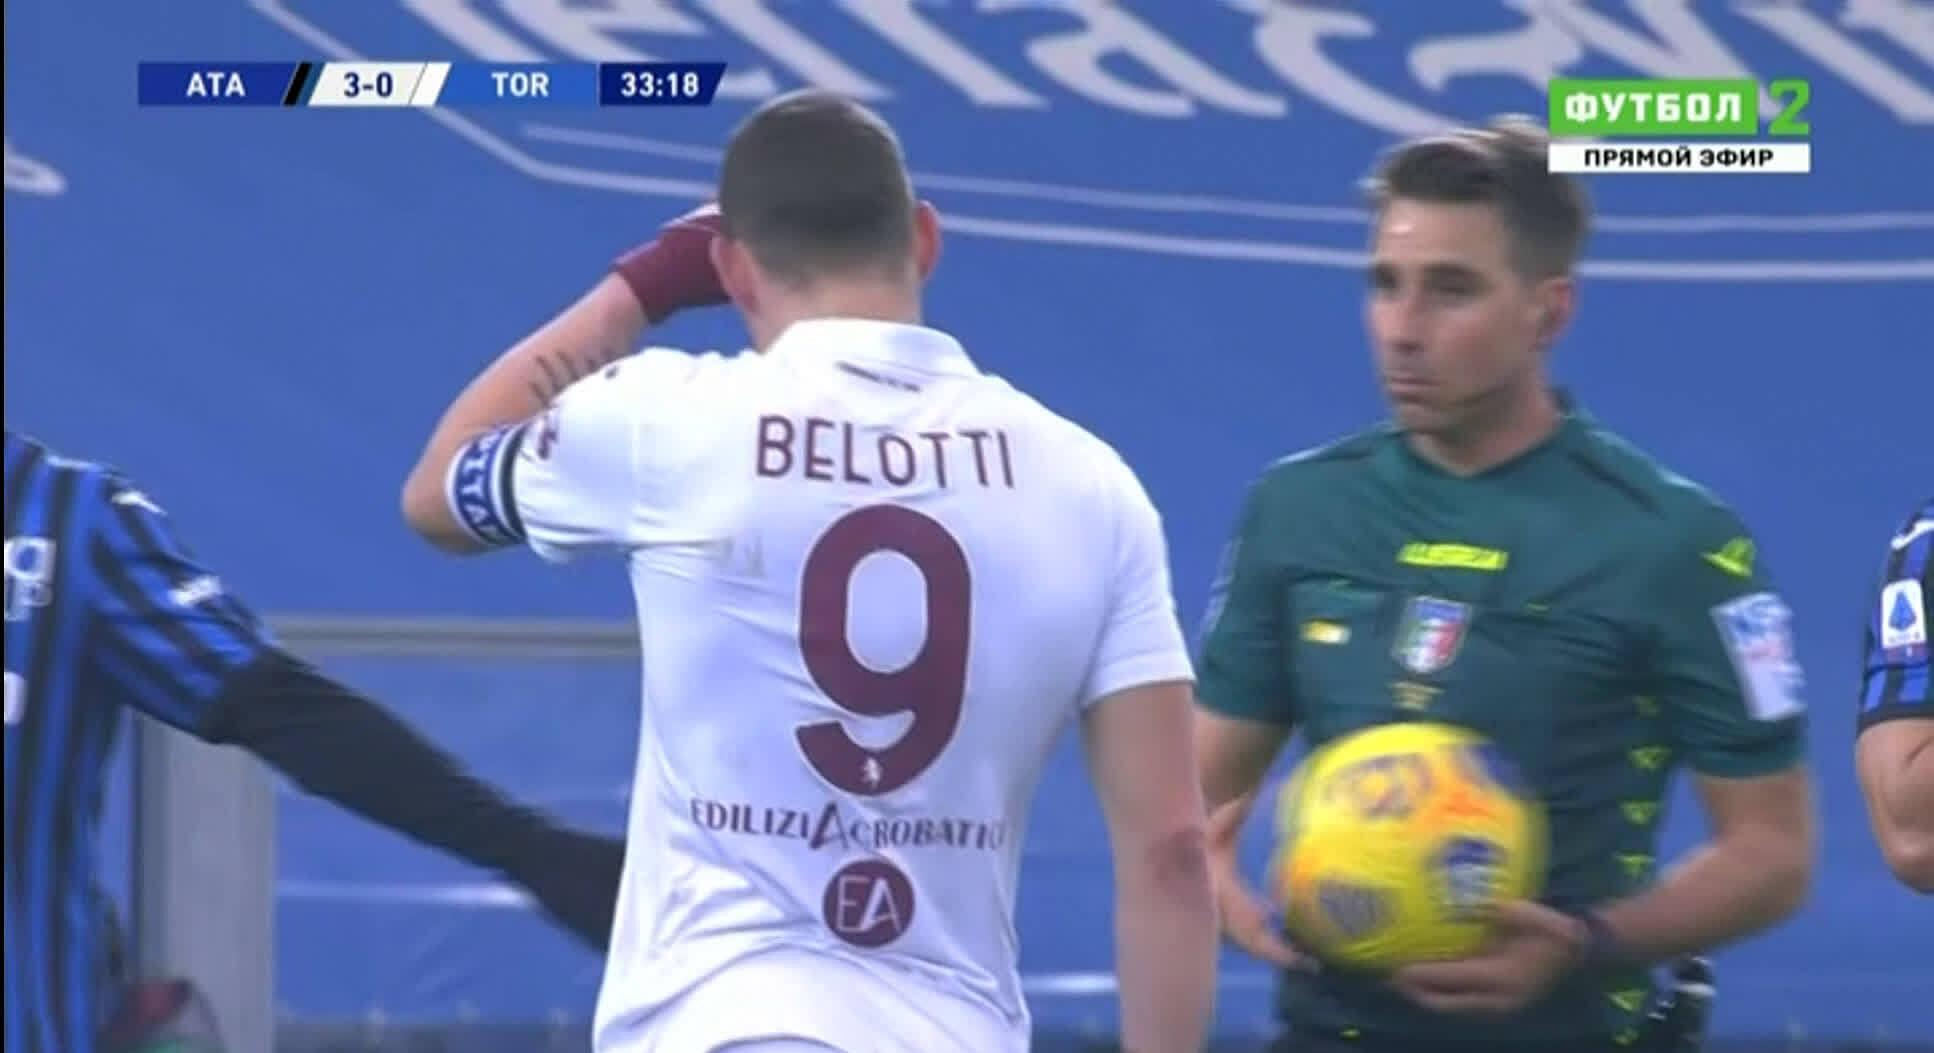 Belotti phân bua với trọng tài Fourneau và thuyết phục ông này rút lại chiếc thẻ phạt Romero.